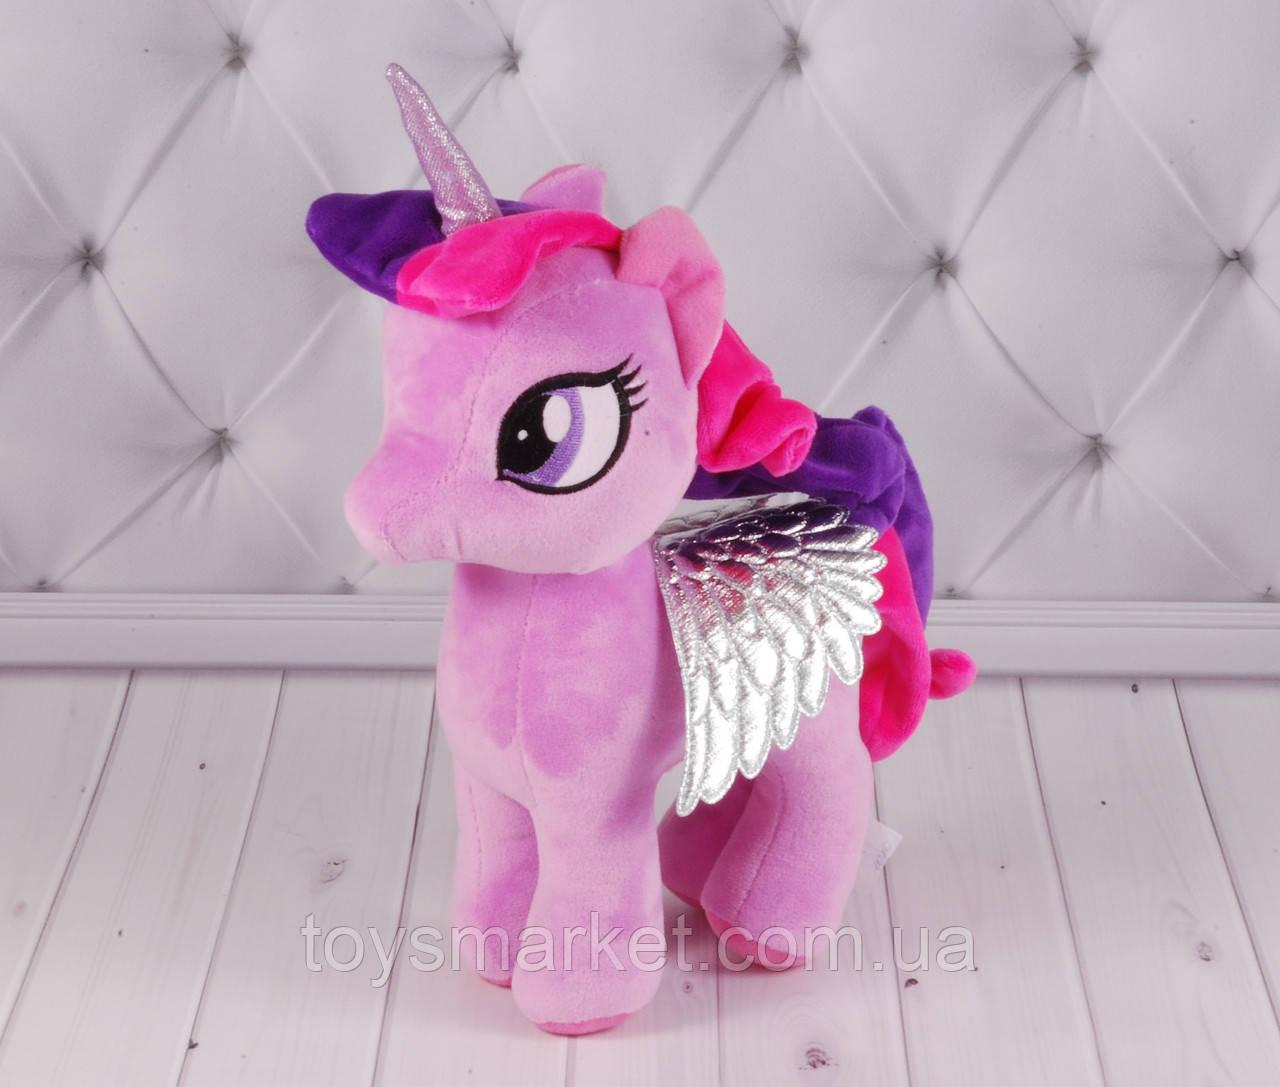 """Мягкая игрушка Пони, плюшевая лошадка, """"My Little Pony"""", """"Май Литл Пони"""""""